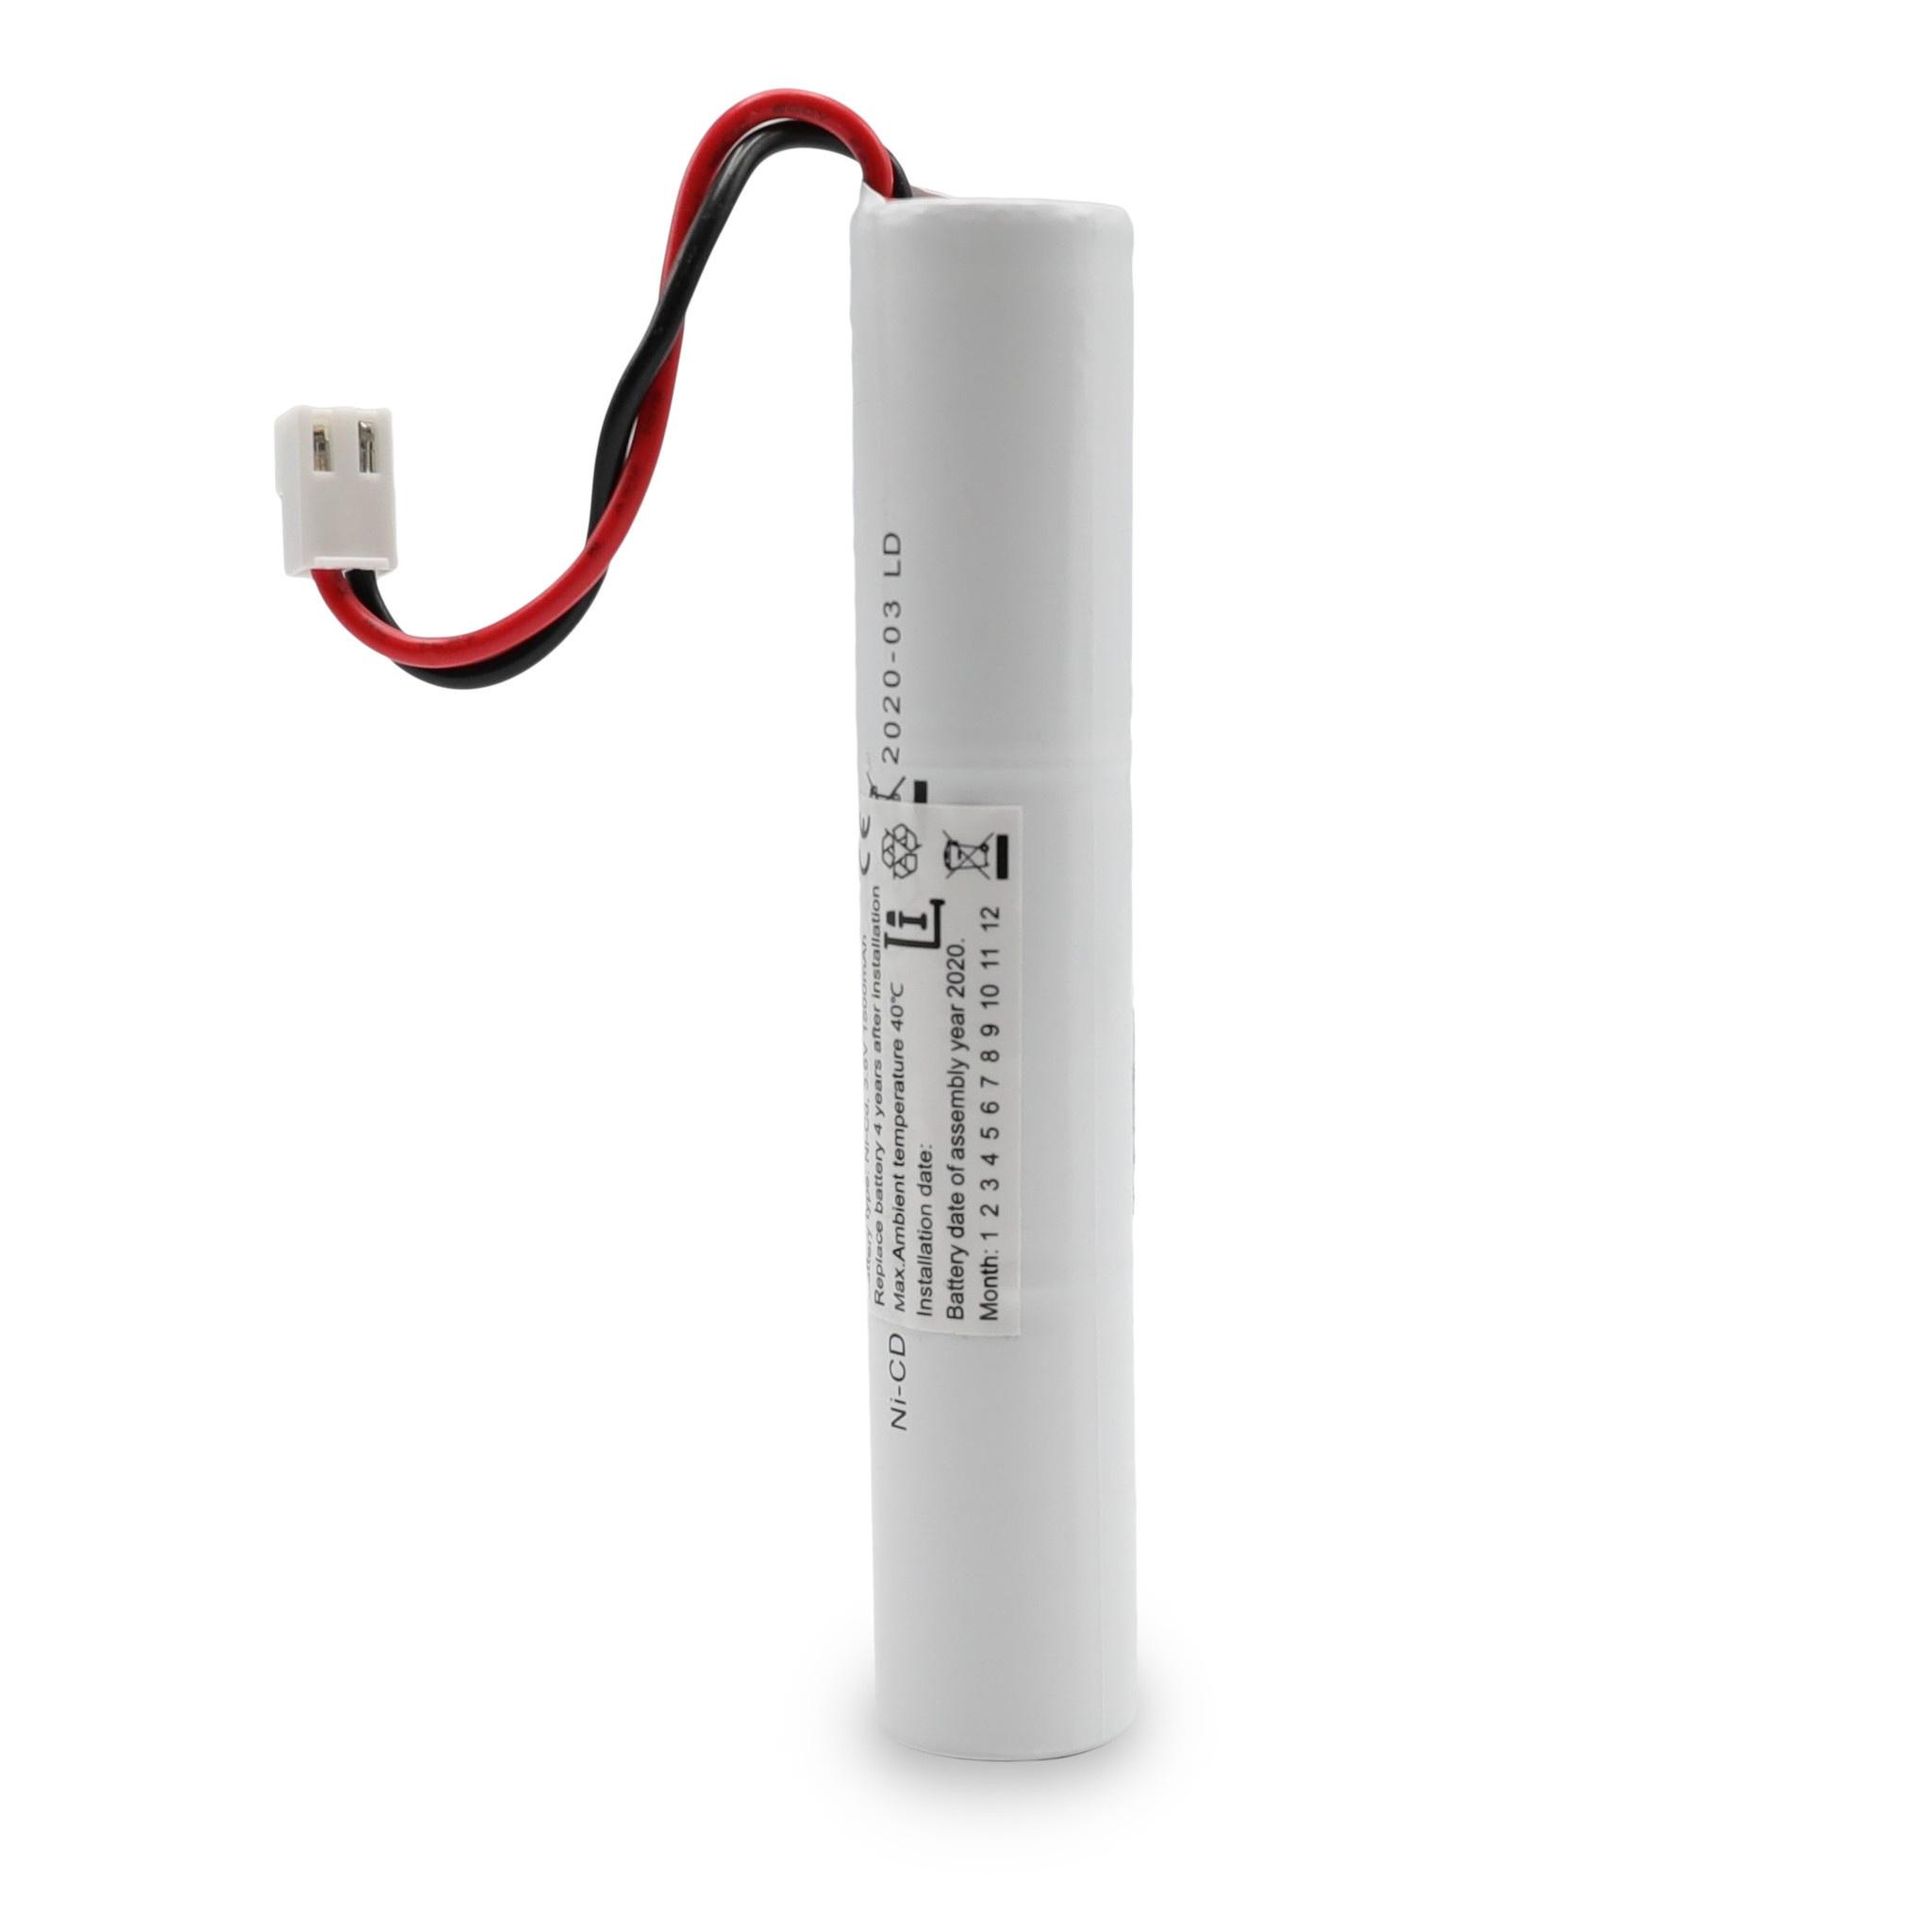 Batterier til nødbelysning og flugtvejsskilte